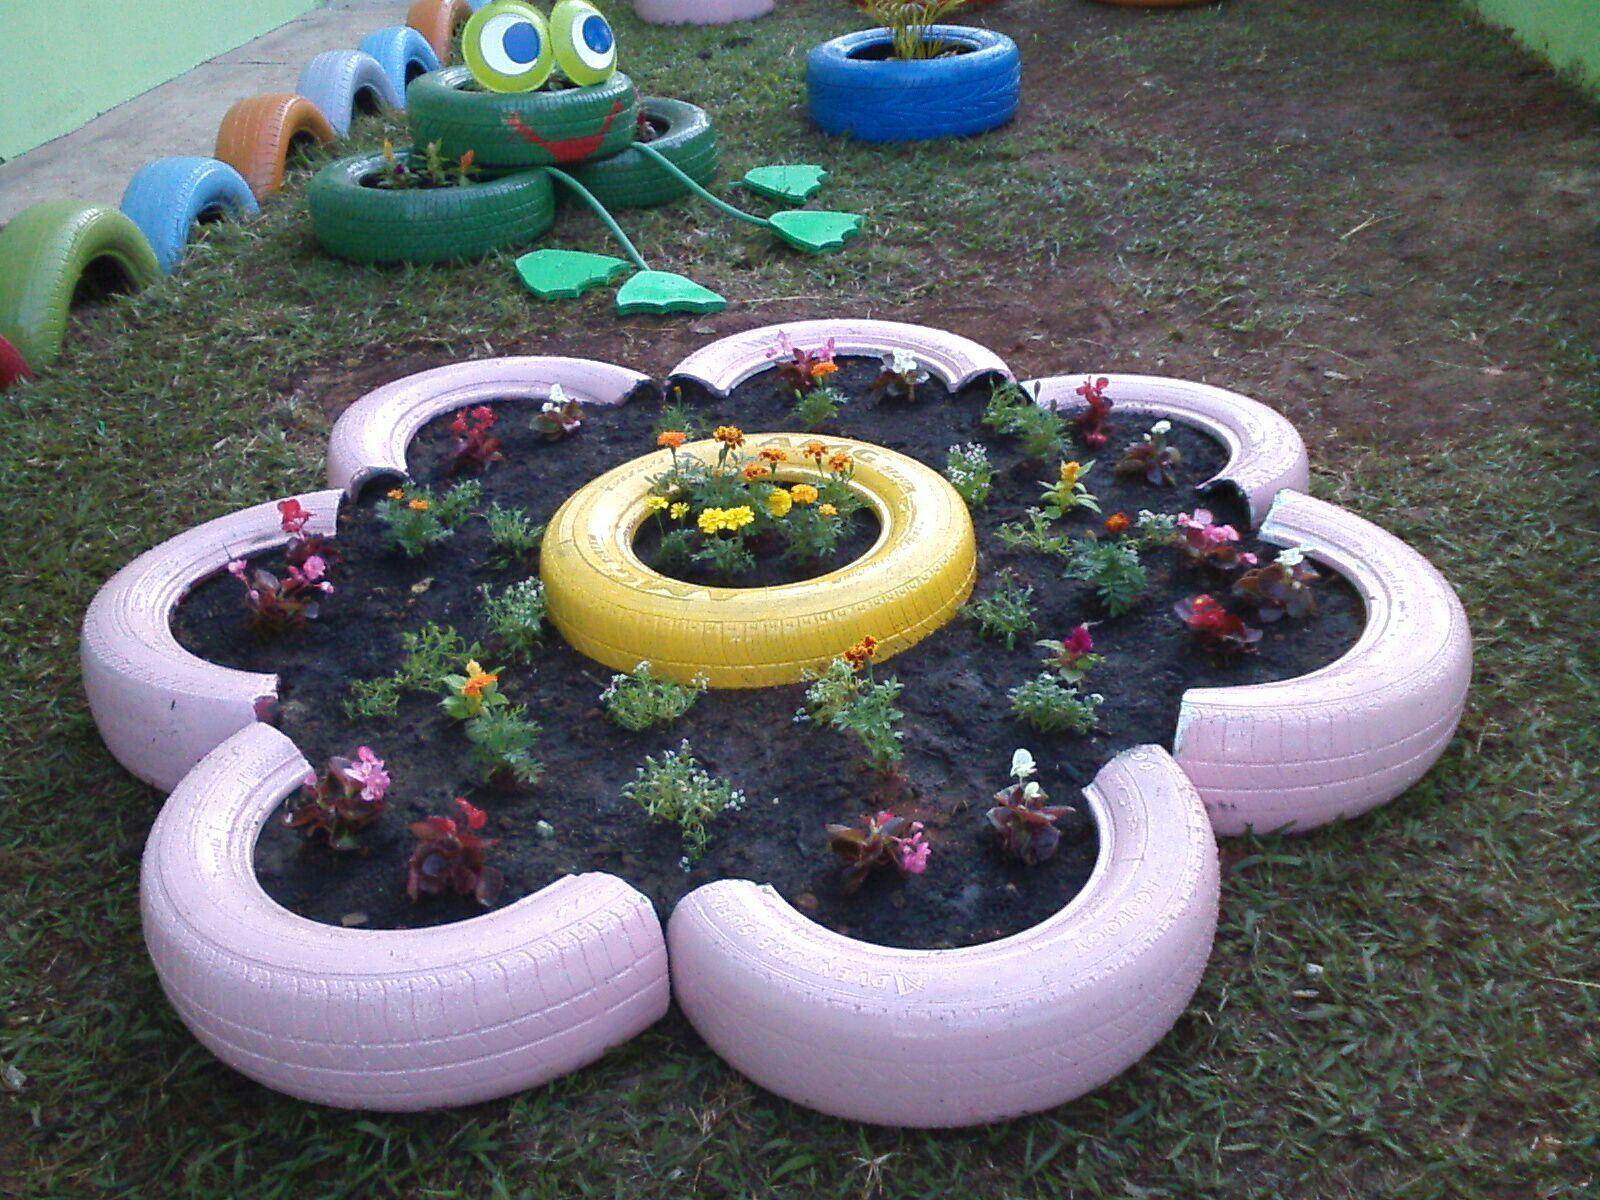 Decoraç u00e3o com pneus velhos reciclagem e meio ambiente decorado Jardim Decoraç u00e3o com pneus  -> Jardins Decorados Com Pneus